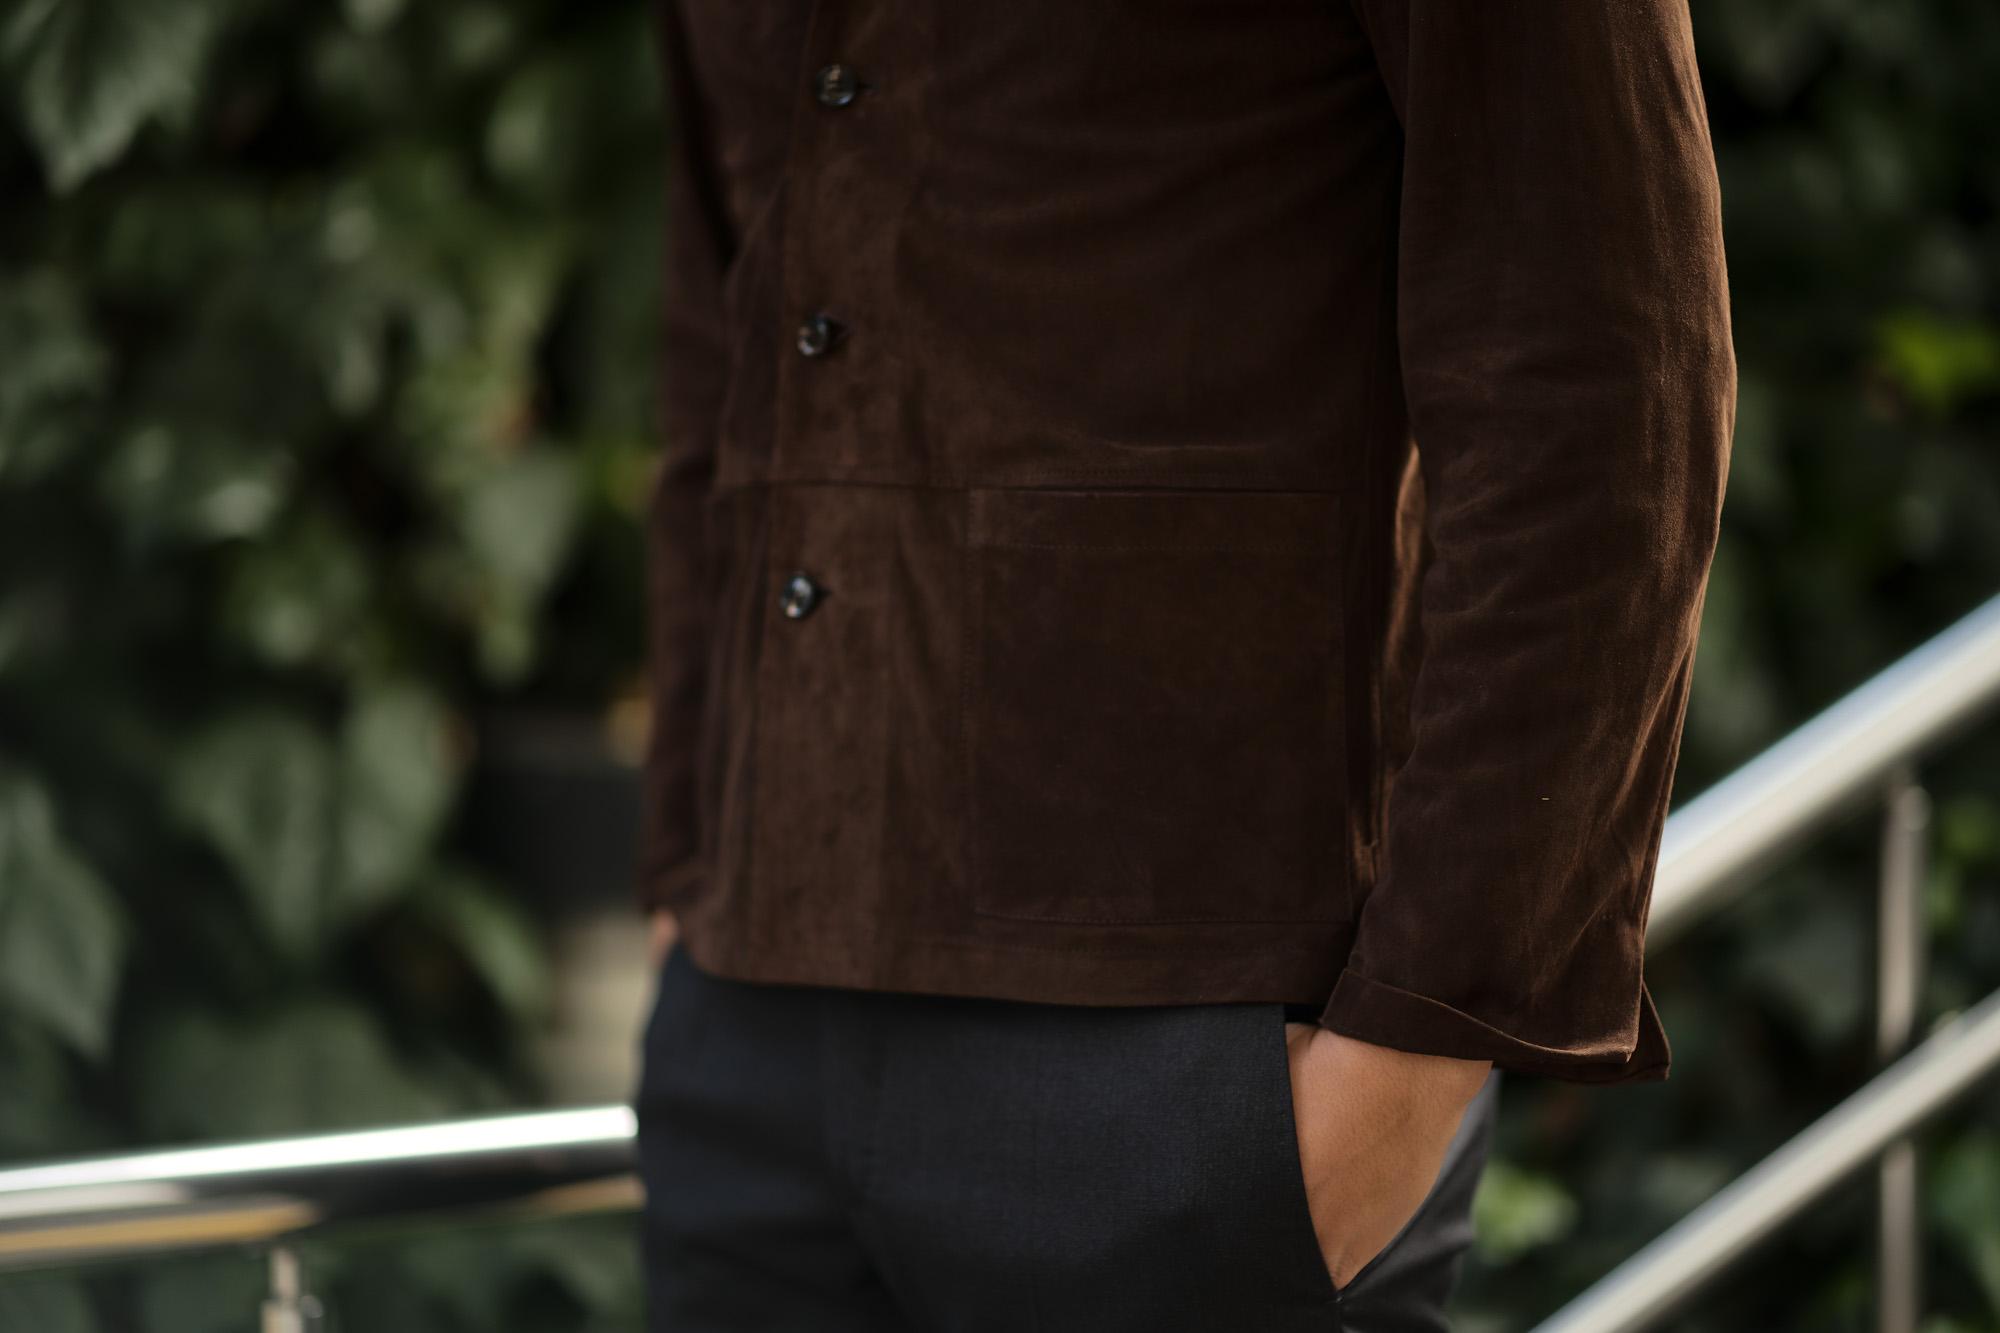 Alfredo Rifujio (アルフレード リフージオ) SS326 CAMOSCIO Summer Suede Leather Shirts サマースウェード レザーシャツ BROWN (ブラウン) made in italy (イタリア製) 2019 春夏 【ご予約受付中】alfredorifujio アルフレードリフージオ 愛知 名古屋 Alto e Diritto アルト エ デリット alto e diritto アルトエデリット レザージャケット 素肌にレザー 42,44,46,48,50,52